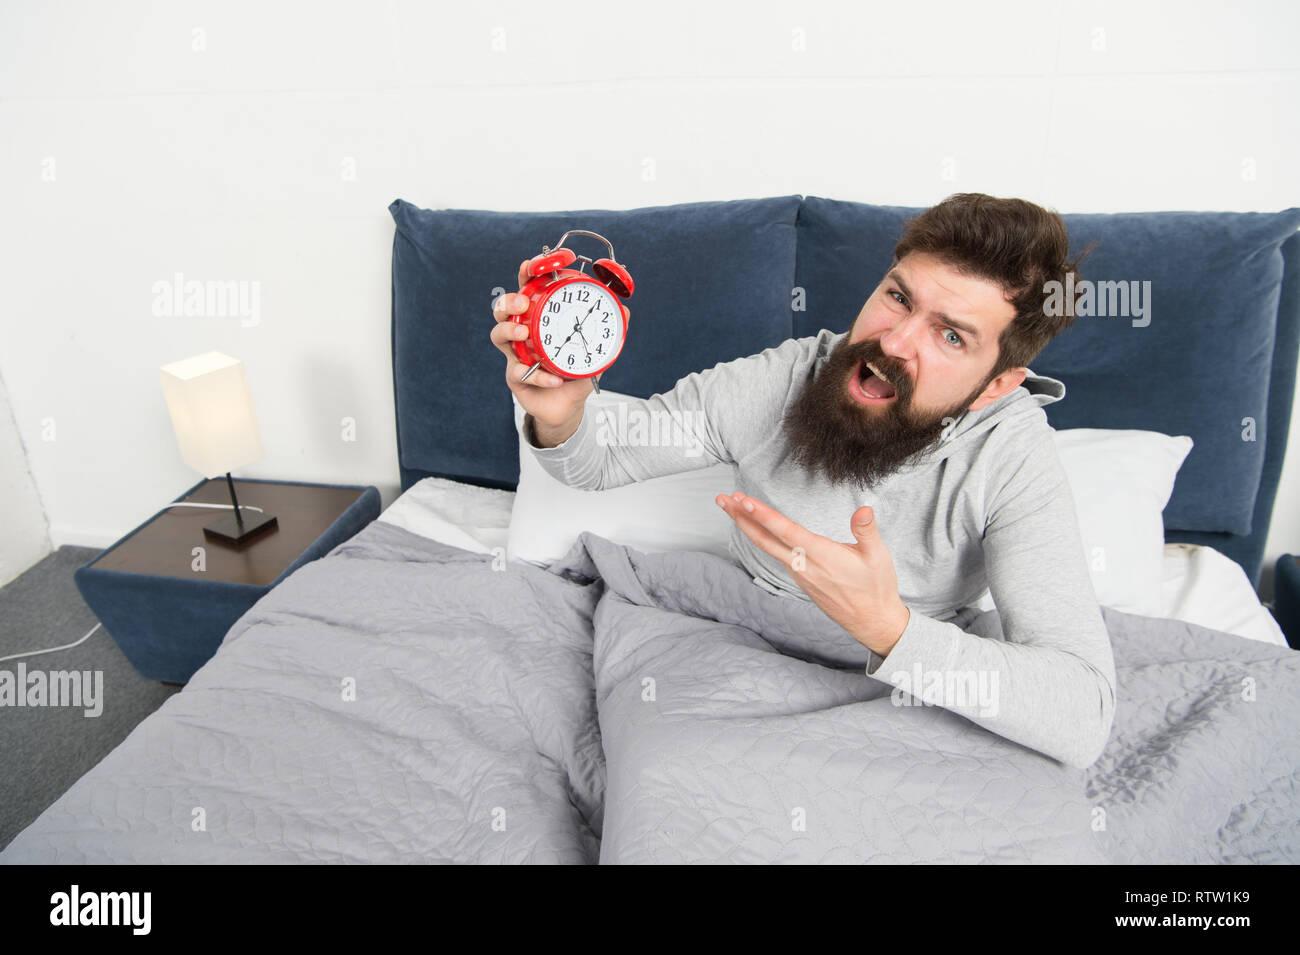 Se lever tôt. Conseils pour se réveiller tôt. Hipster barbu homme visage endormis de se réveiller. Calendrier quotidien des mode de vie sain. Réveil sonner. Déteste ce bruit. Problème avec réveil matinal précoce. Photo Stock